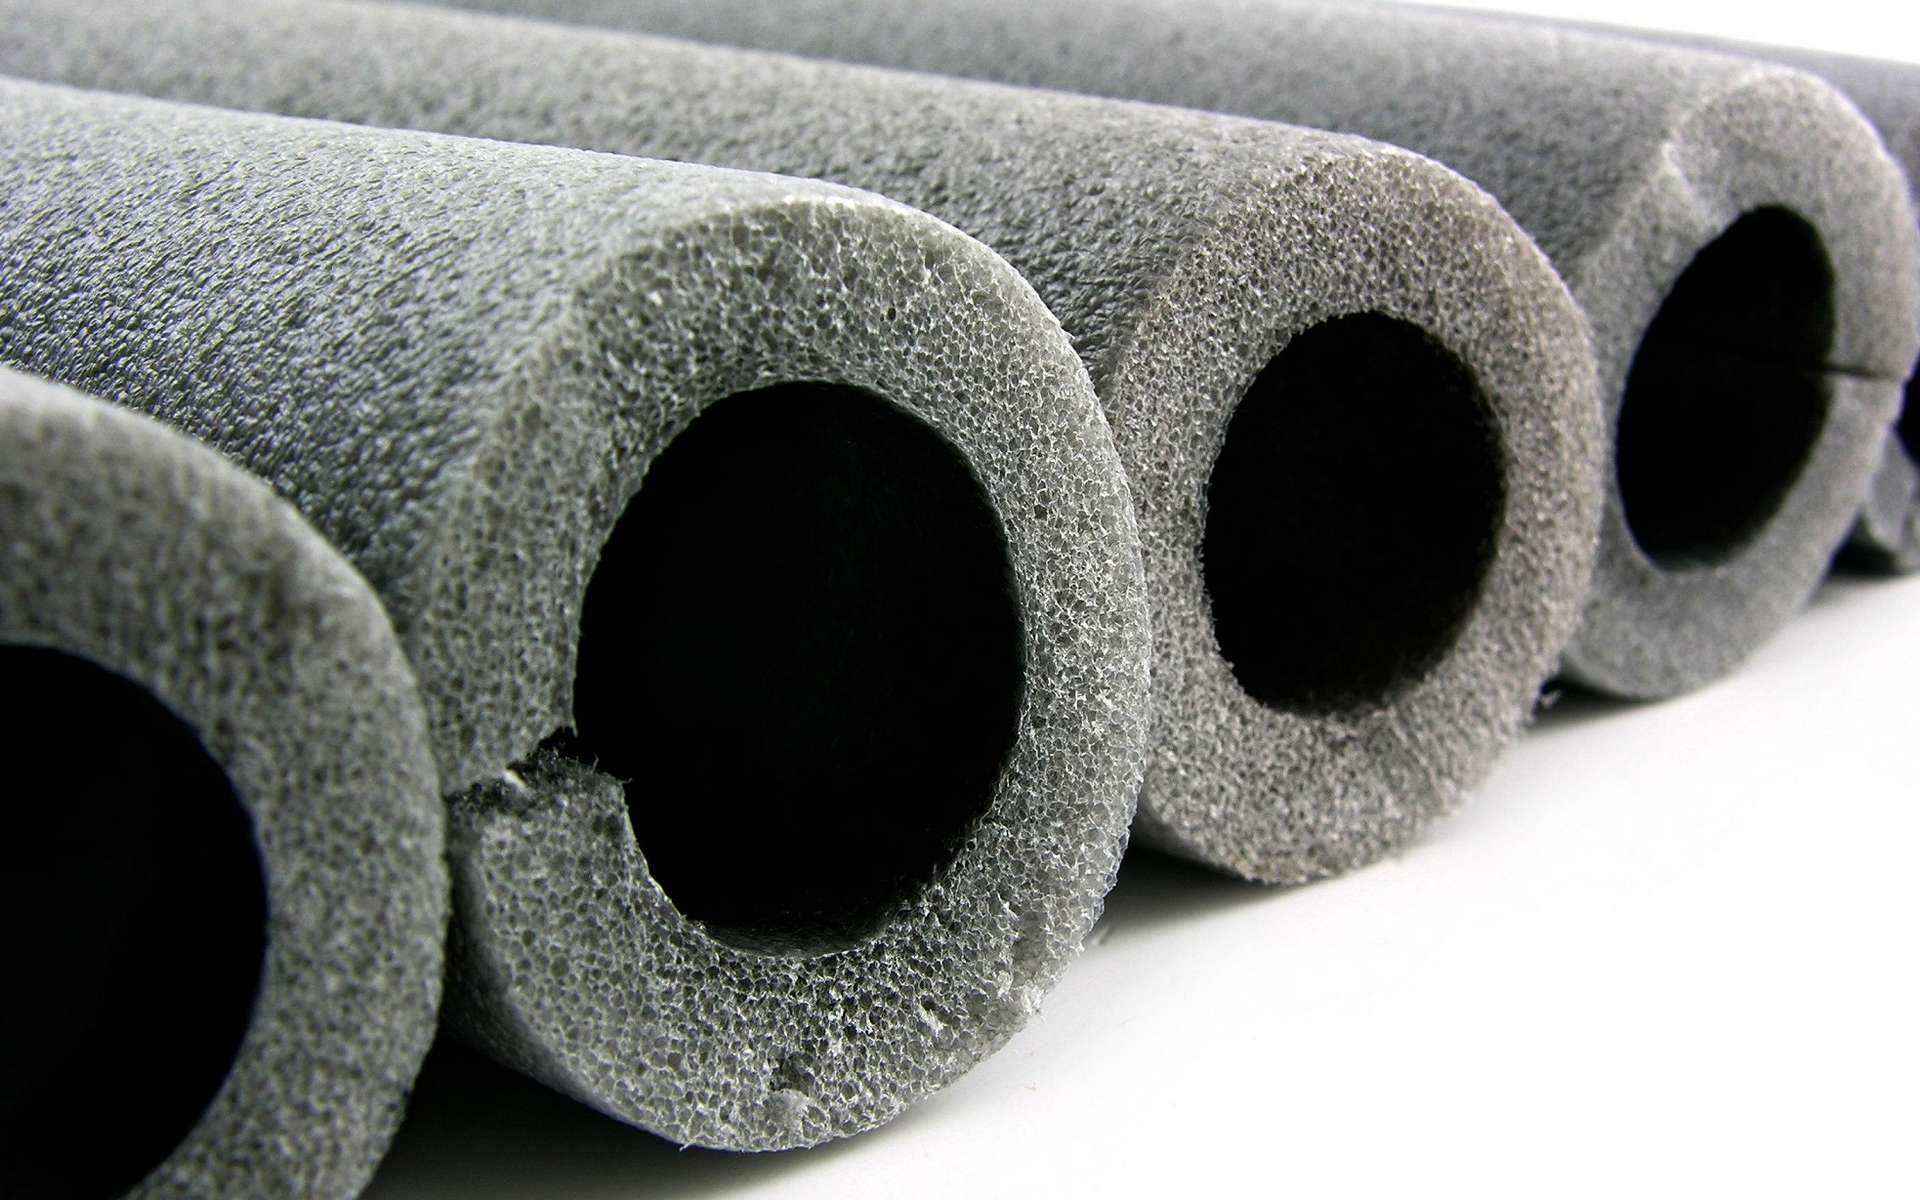 Chauffage, eau chaude sanitaire, pour éliminer les pertes de chaleur des tubes, il est nécessaire de les isoler avec des matériaux calorifuges. © fefufoto, Adobe Stock